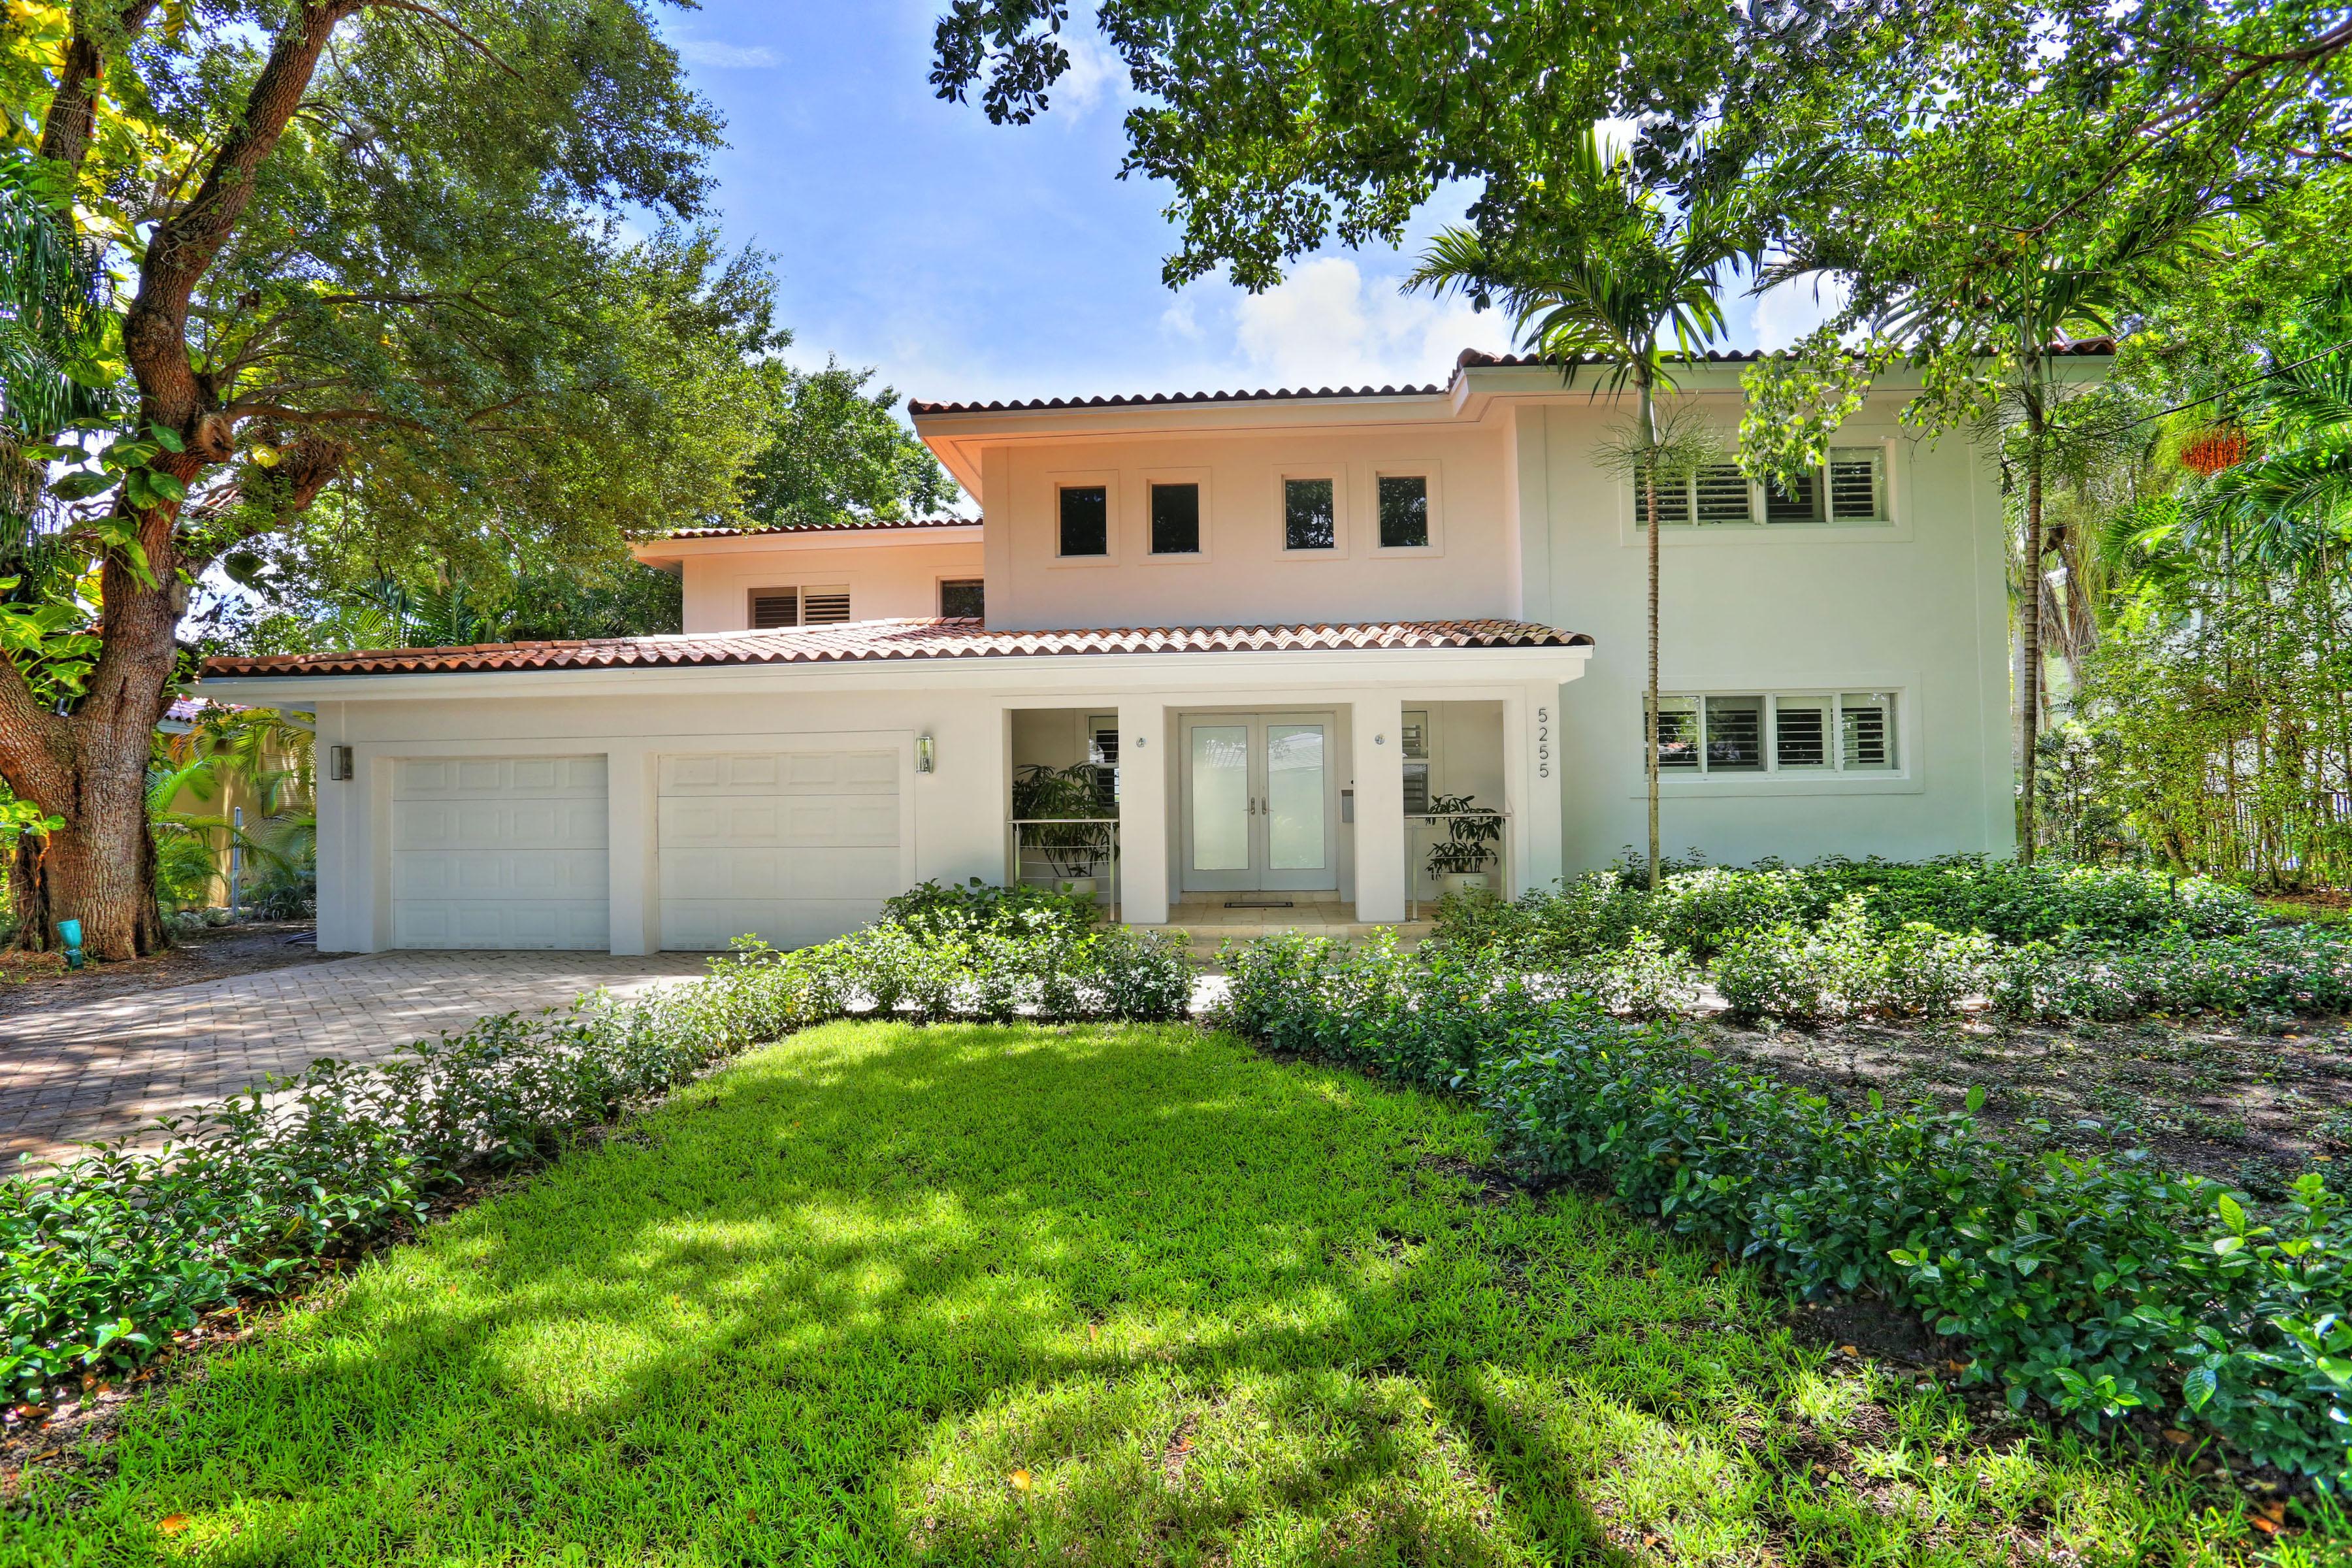 Casa Unifamiliar por un Venta en 5255 Orduna Dr Coral Gables, Florida, 33146 Estados Unidos